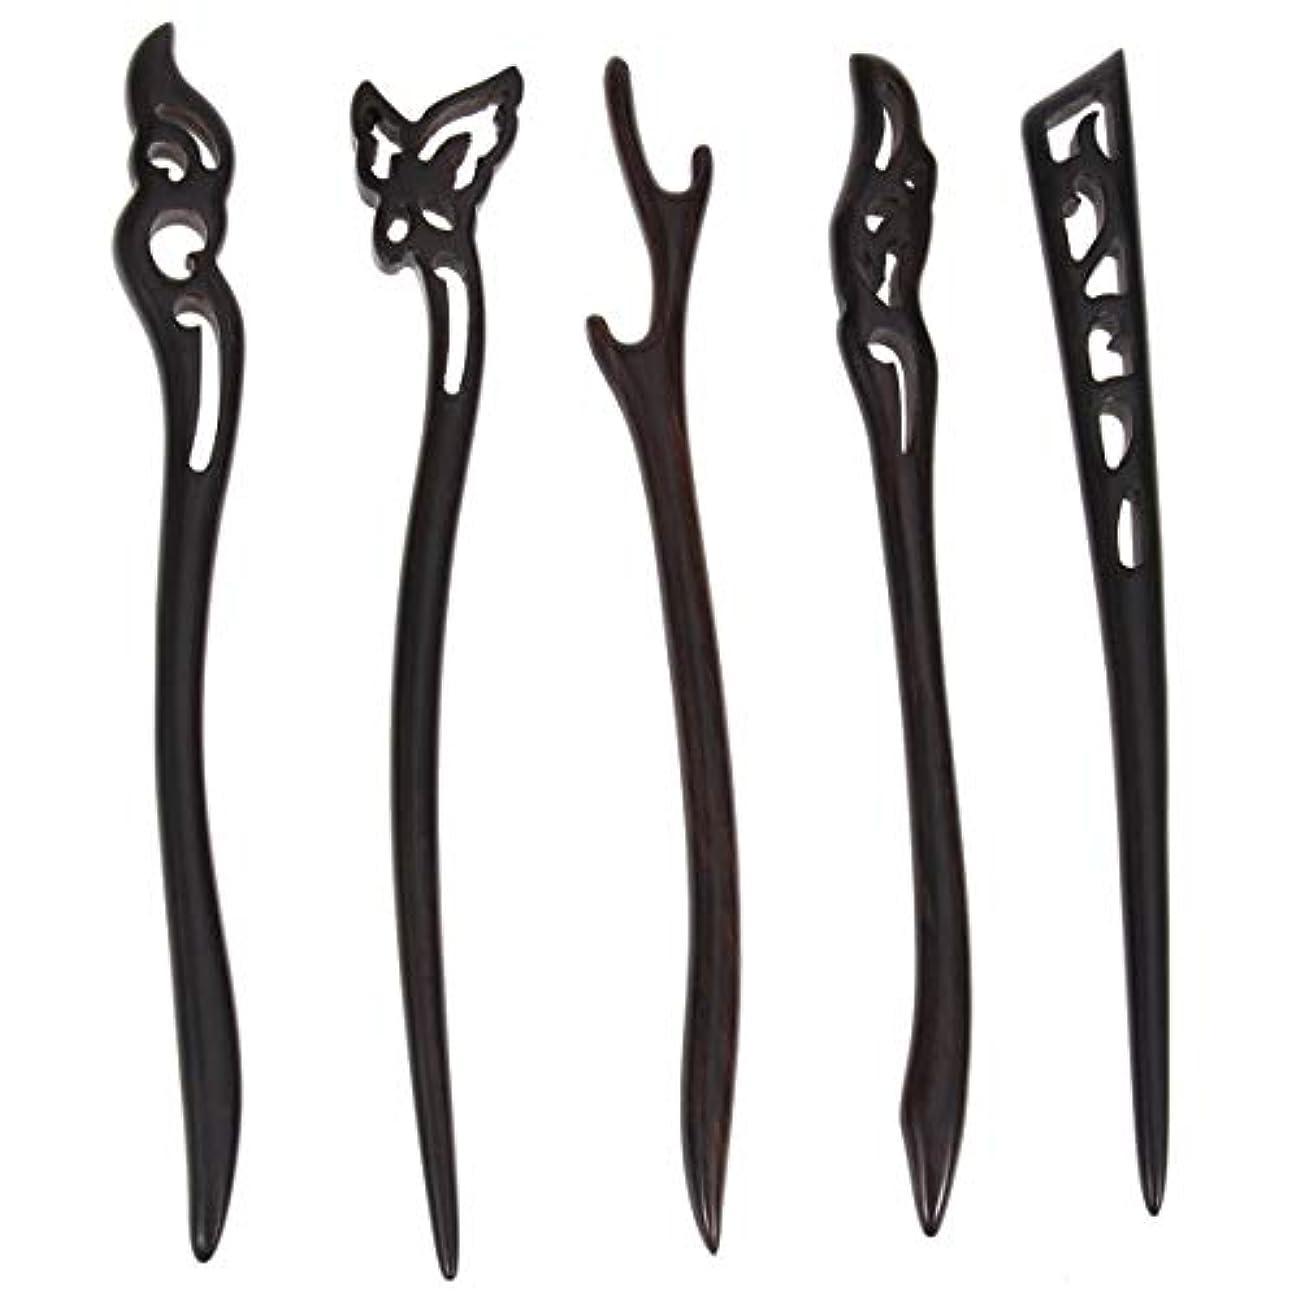 有効な傾いた炭素Lurrose 5ピース木製ヘアスティック中国髪箸中空彫刻デザイン用女性ロングヘアスタイリング